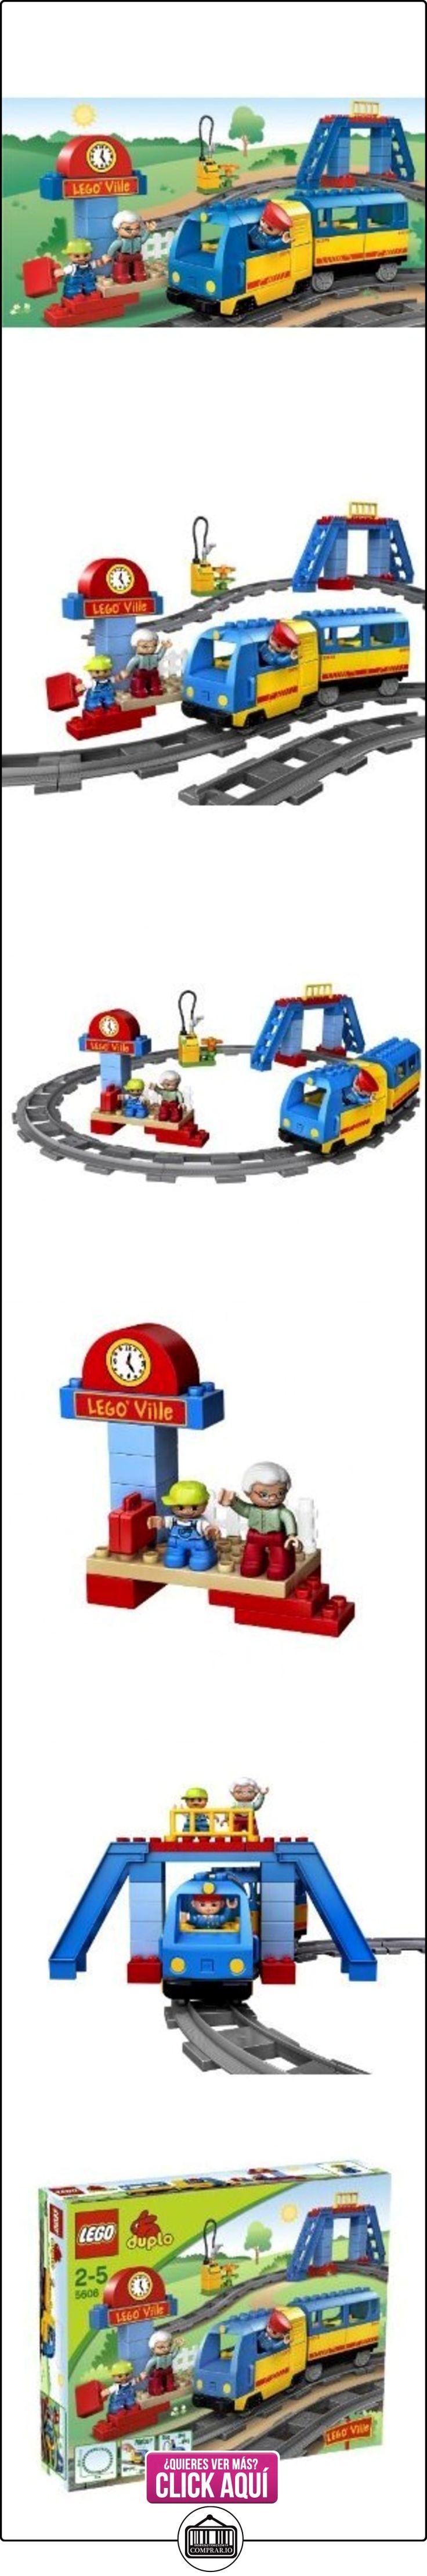 Lego Duplo Train Start Set 5608 LEGO parallel import goods (japan import)  ✿ Lego - el surtido más amplio ✿ ▬► Ver oferta: https://comprar.io/goto/B005ZCEJIW